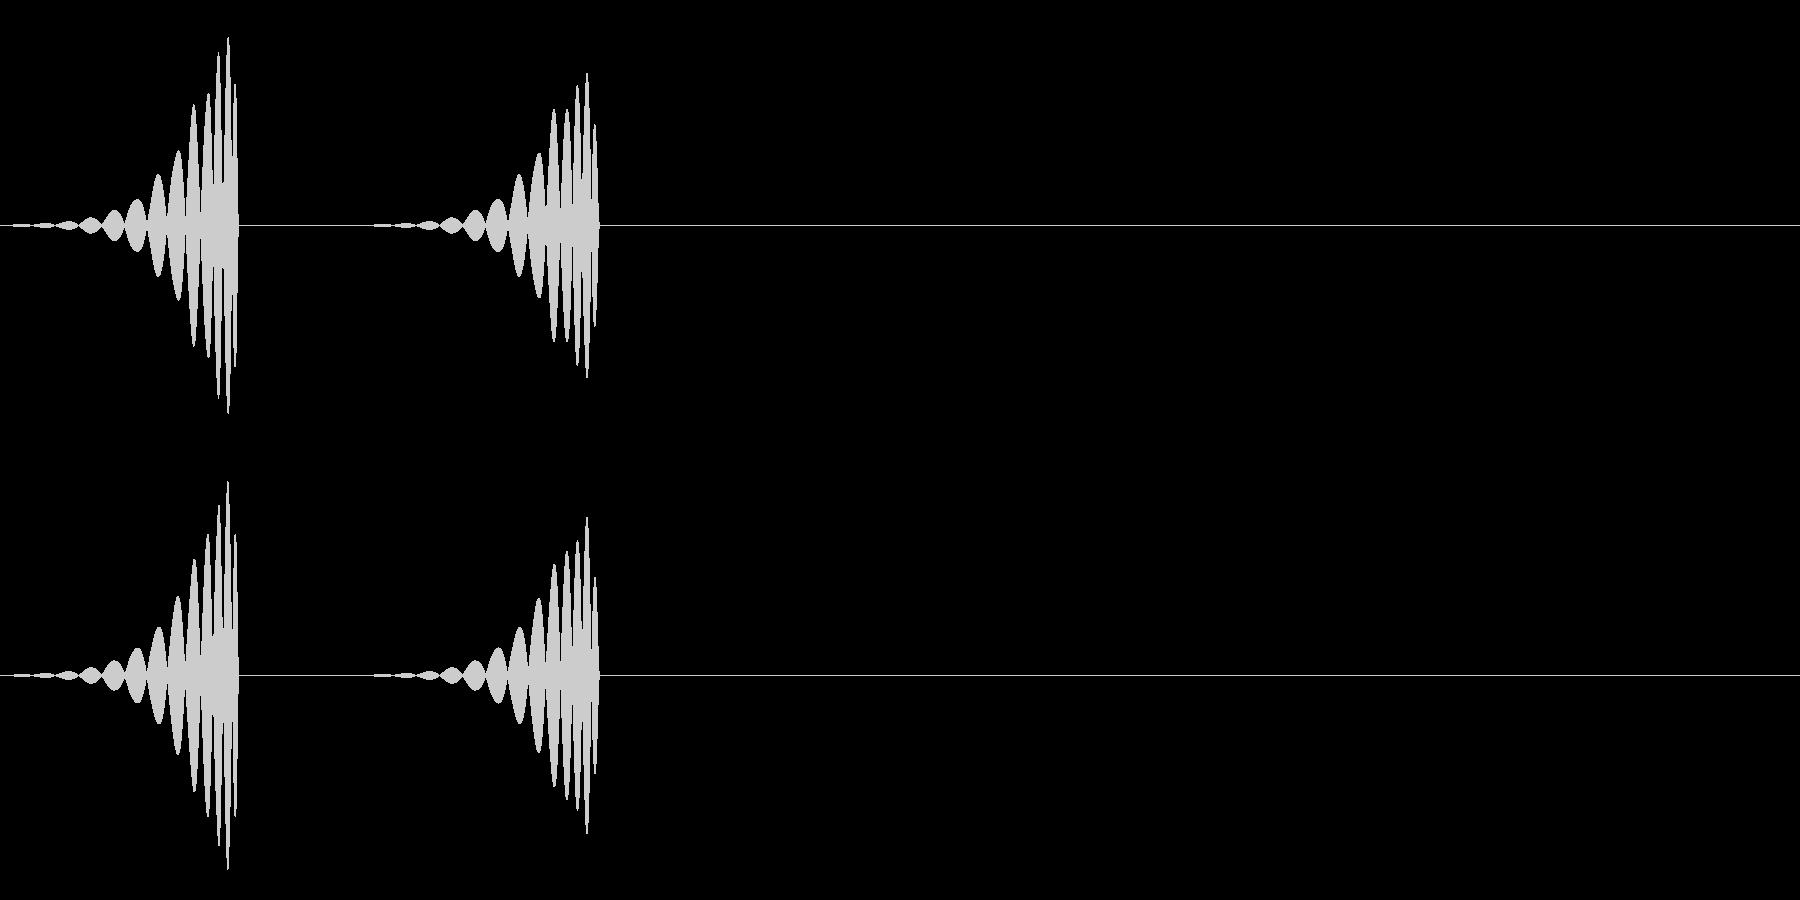 心臓の音の未再生の波形